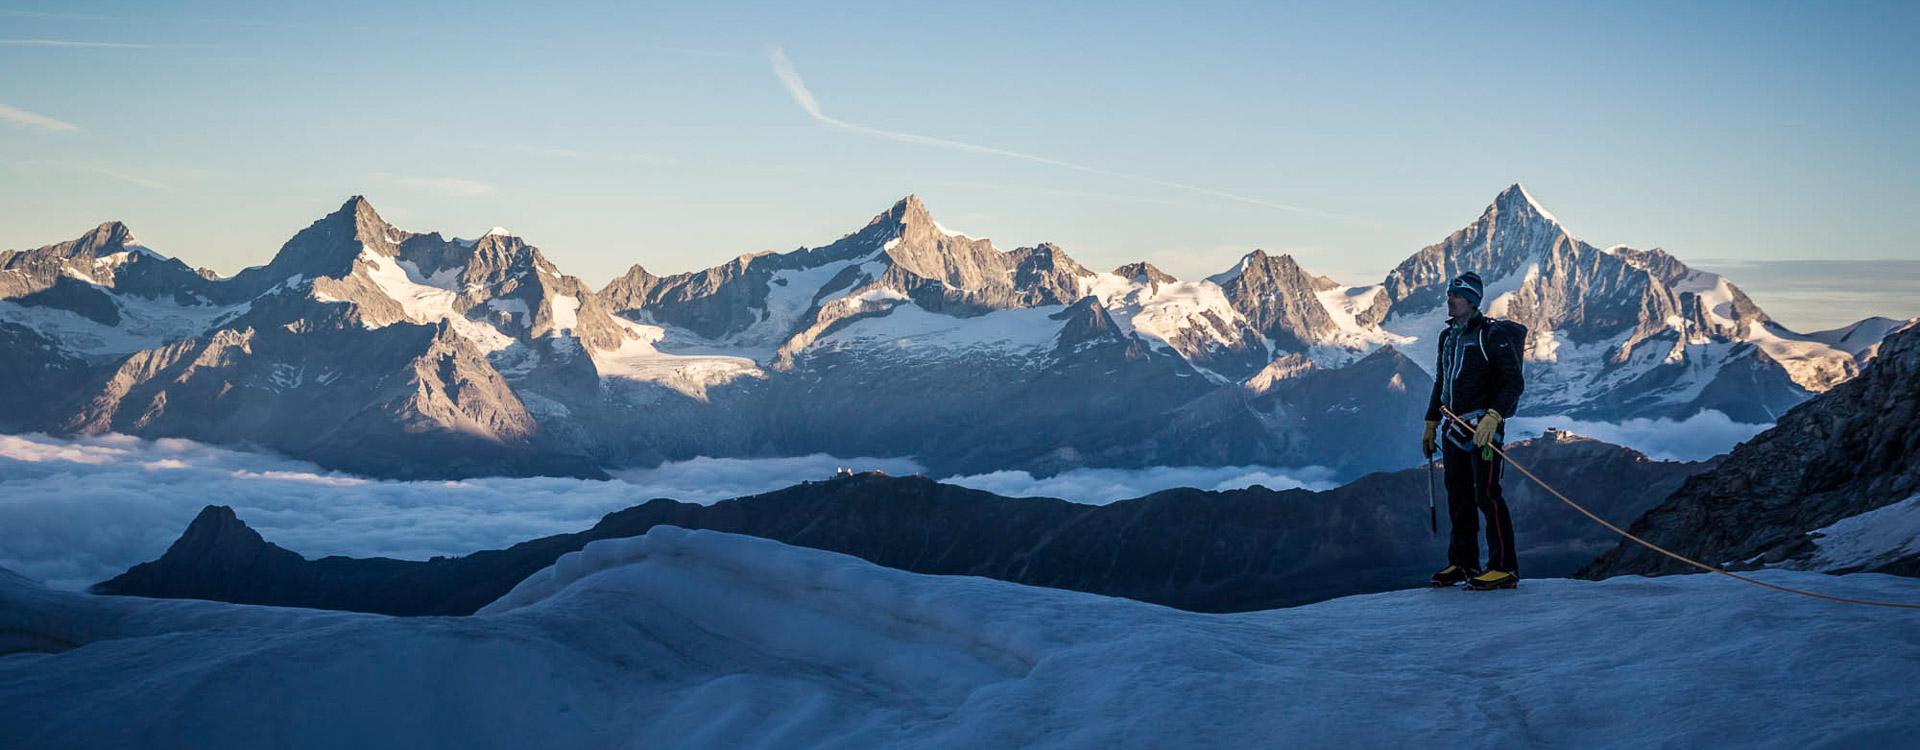 hochtourenwoche-in-den-walliser-alpen-mit-bergfuehrer